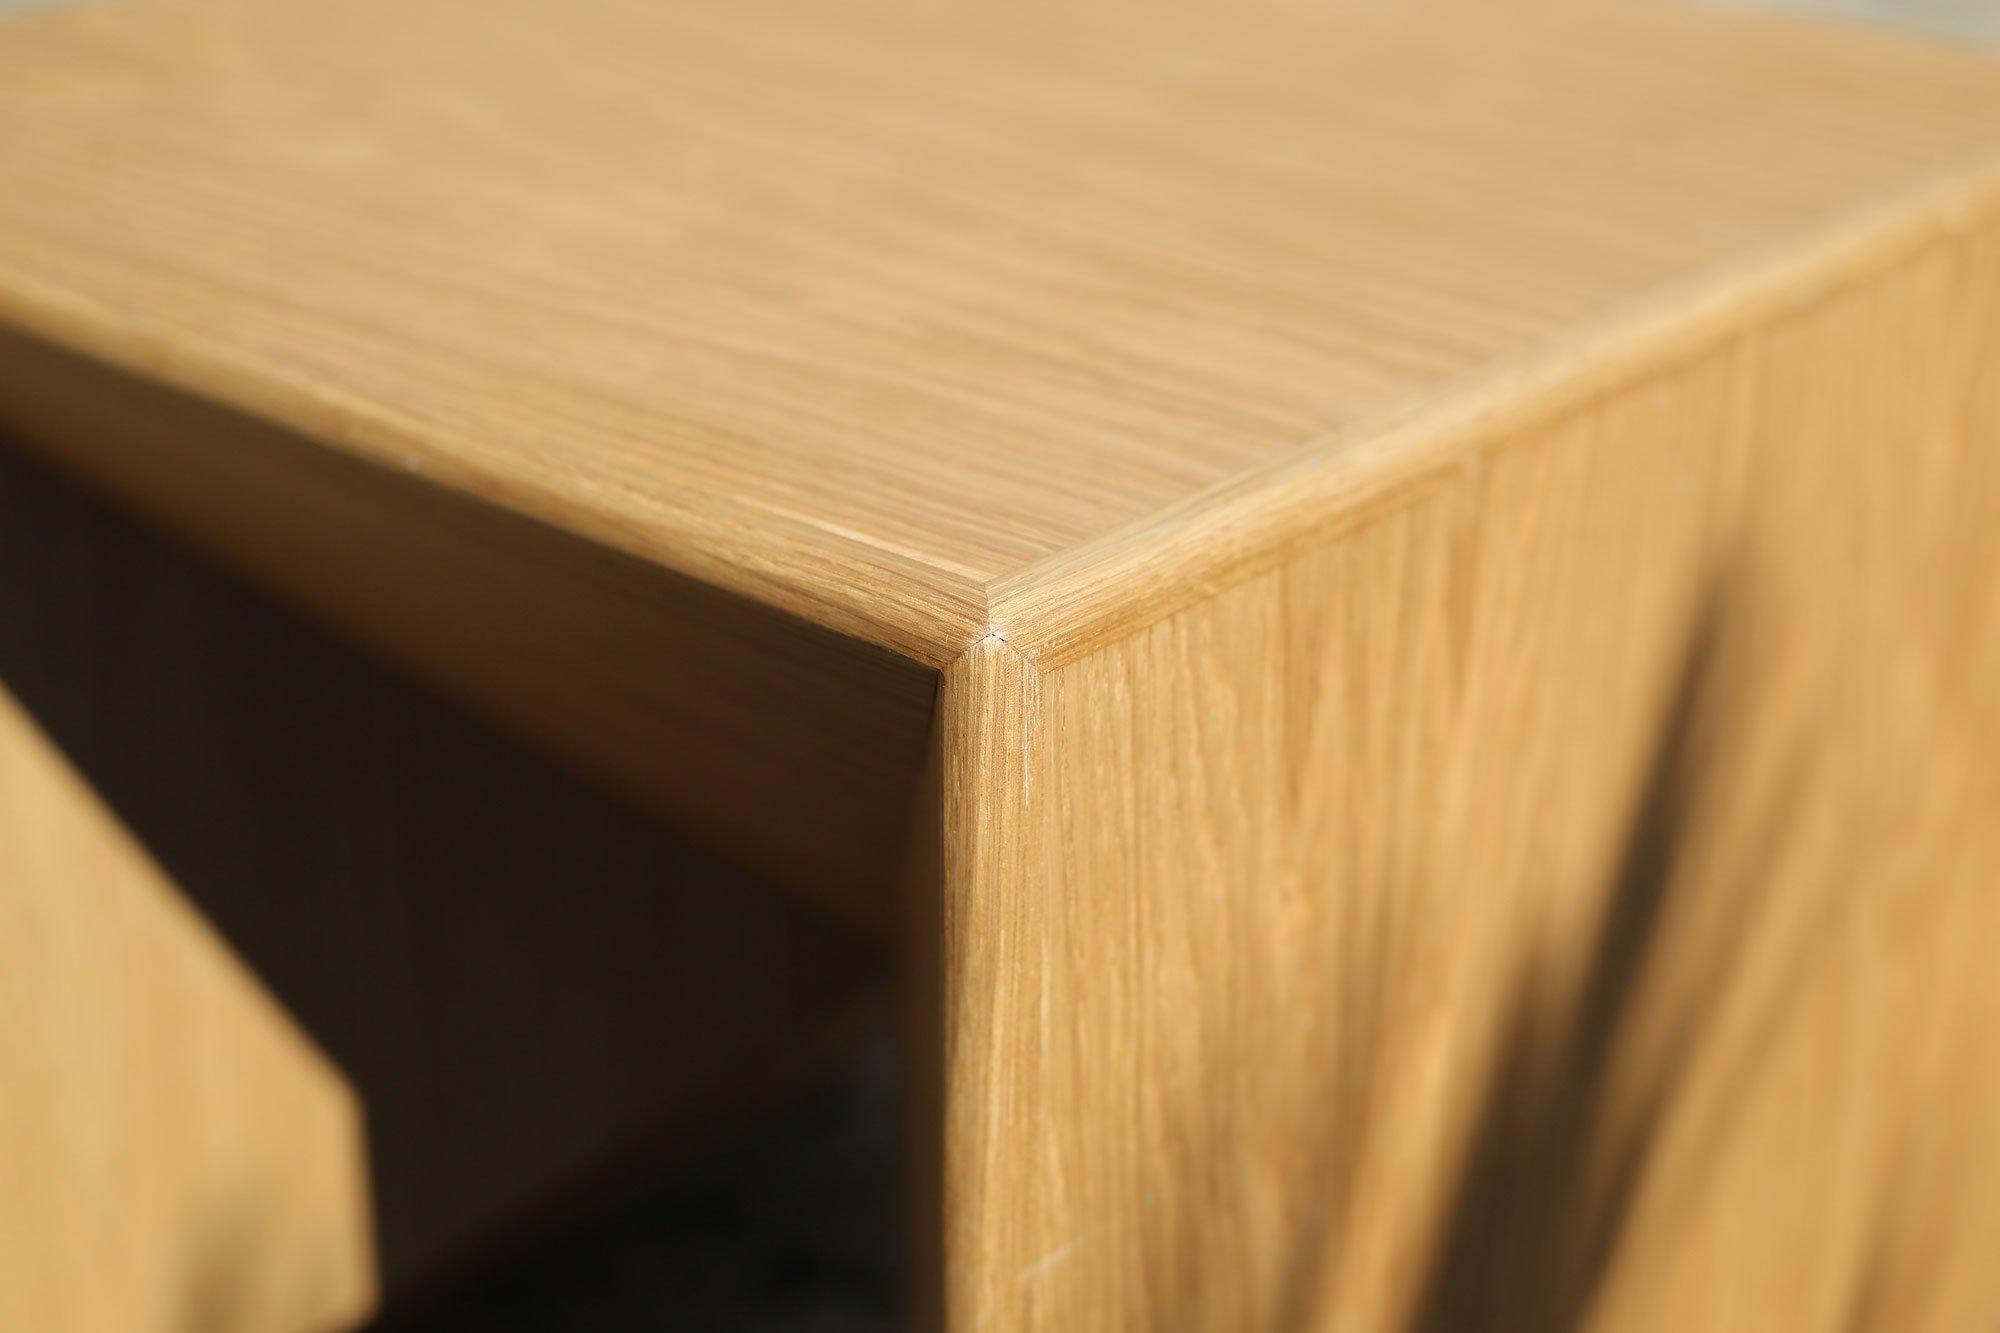 qbico-particular-wood-marcellocannarsa-product-designer